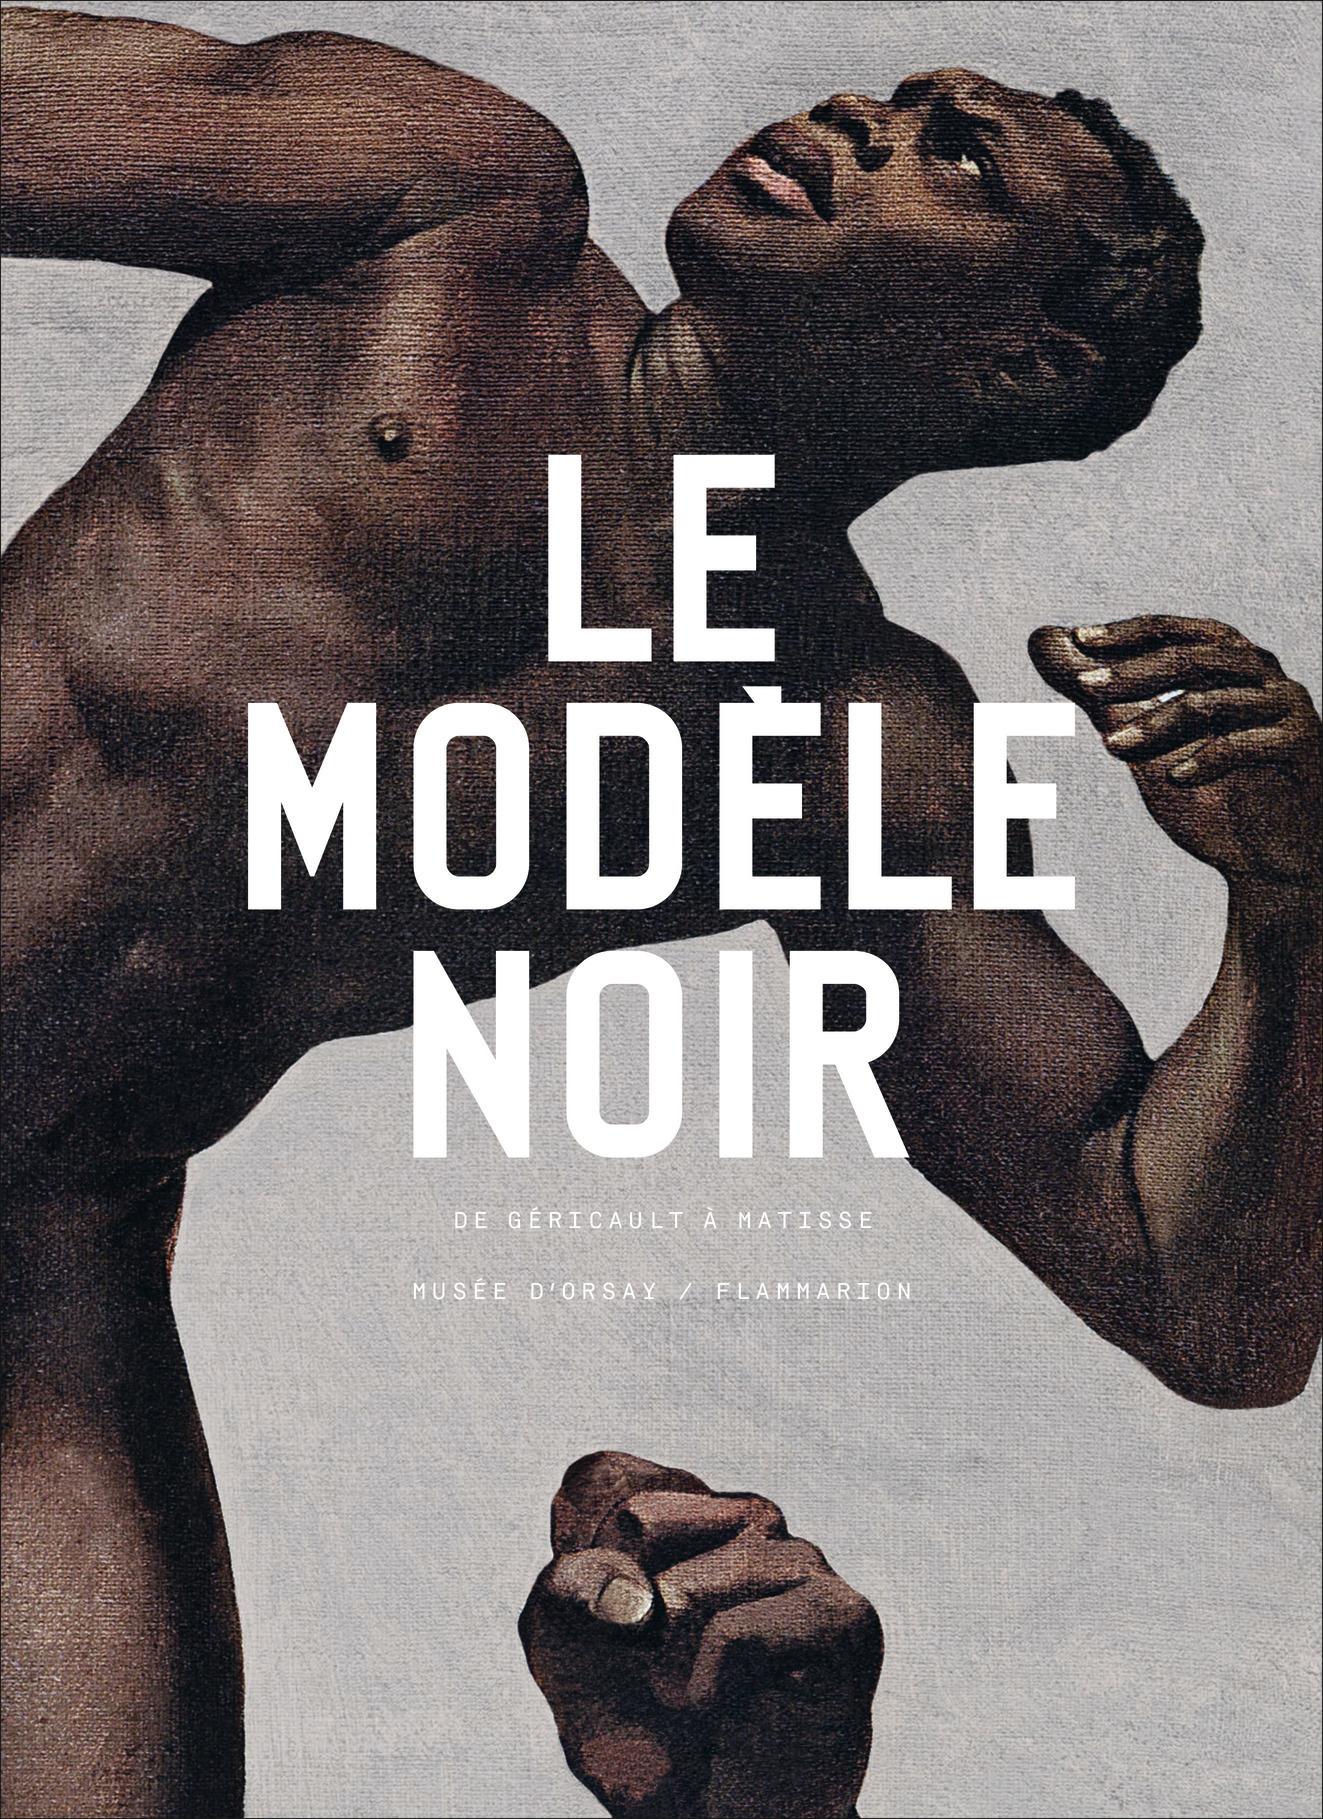 LE MODELE NOIR - DE GERICAULT A MATISSE